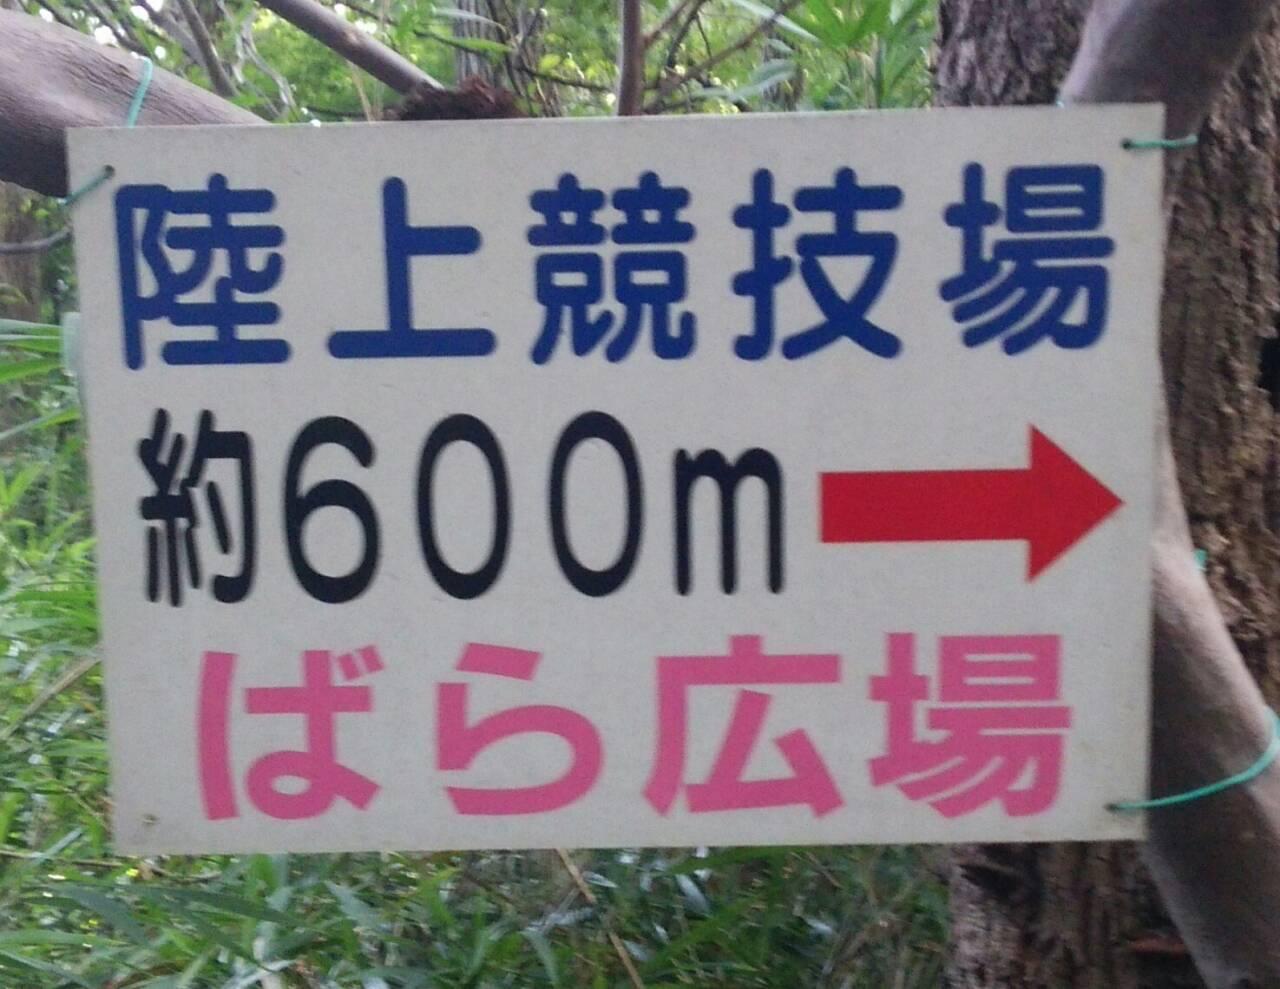 町田ゼルビア11451